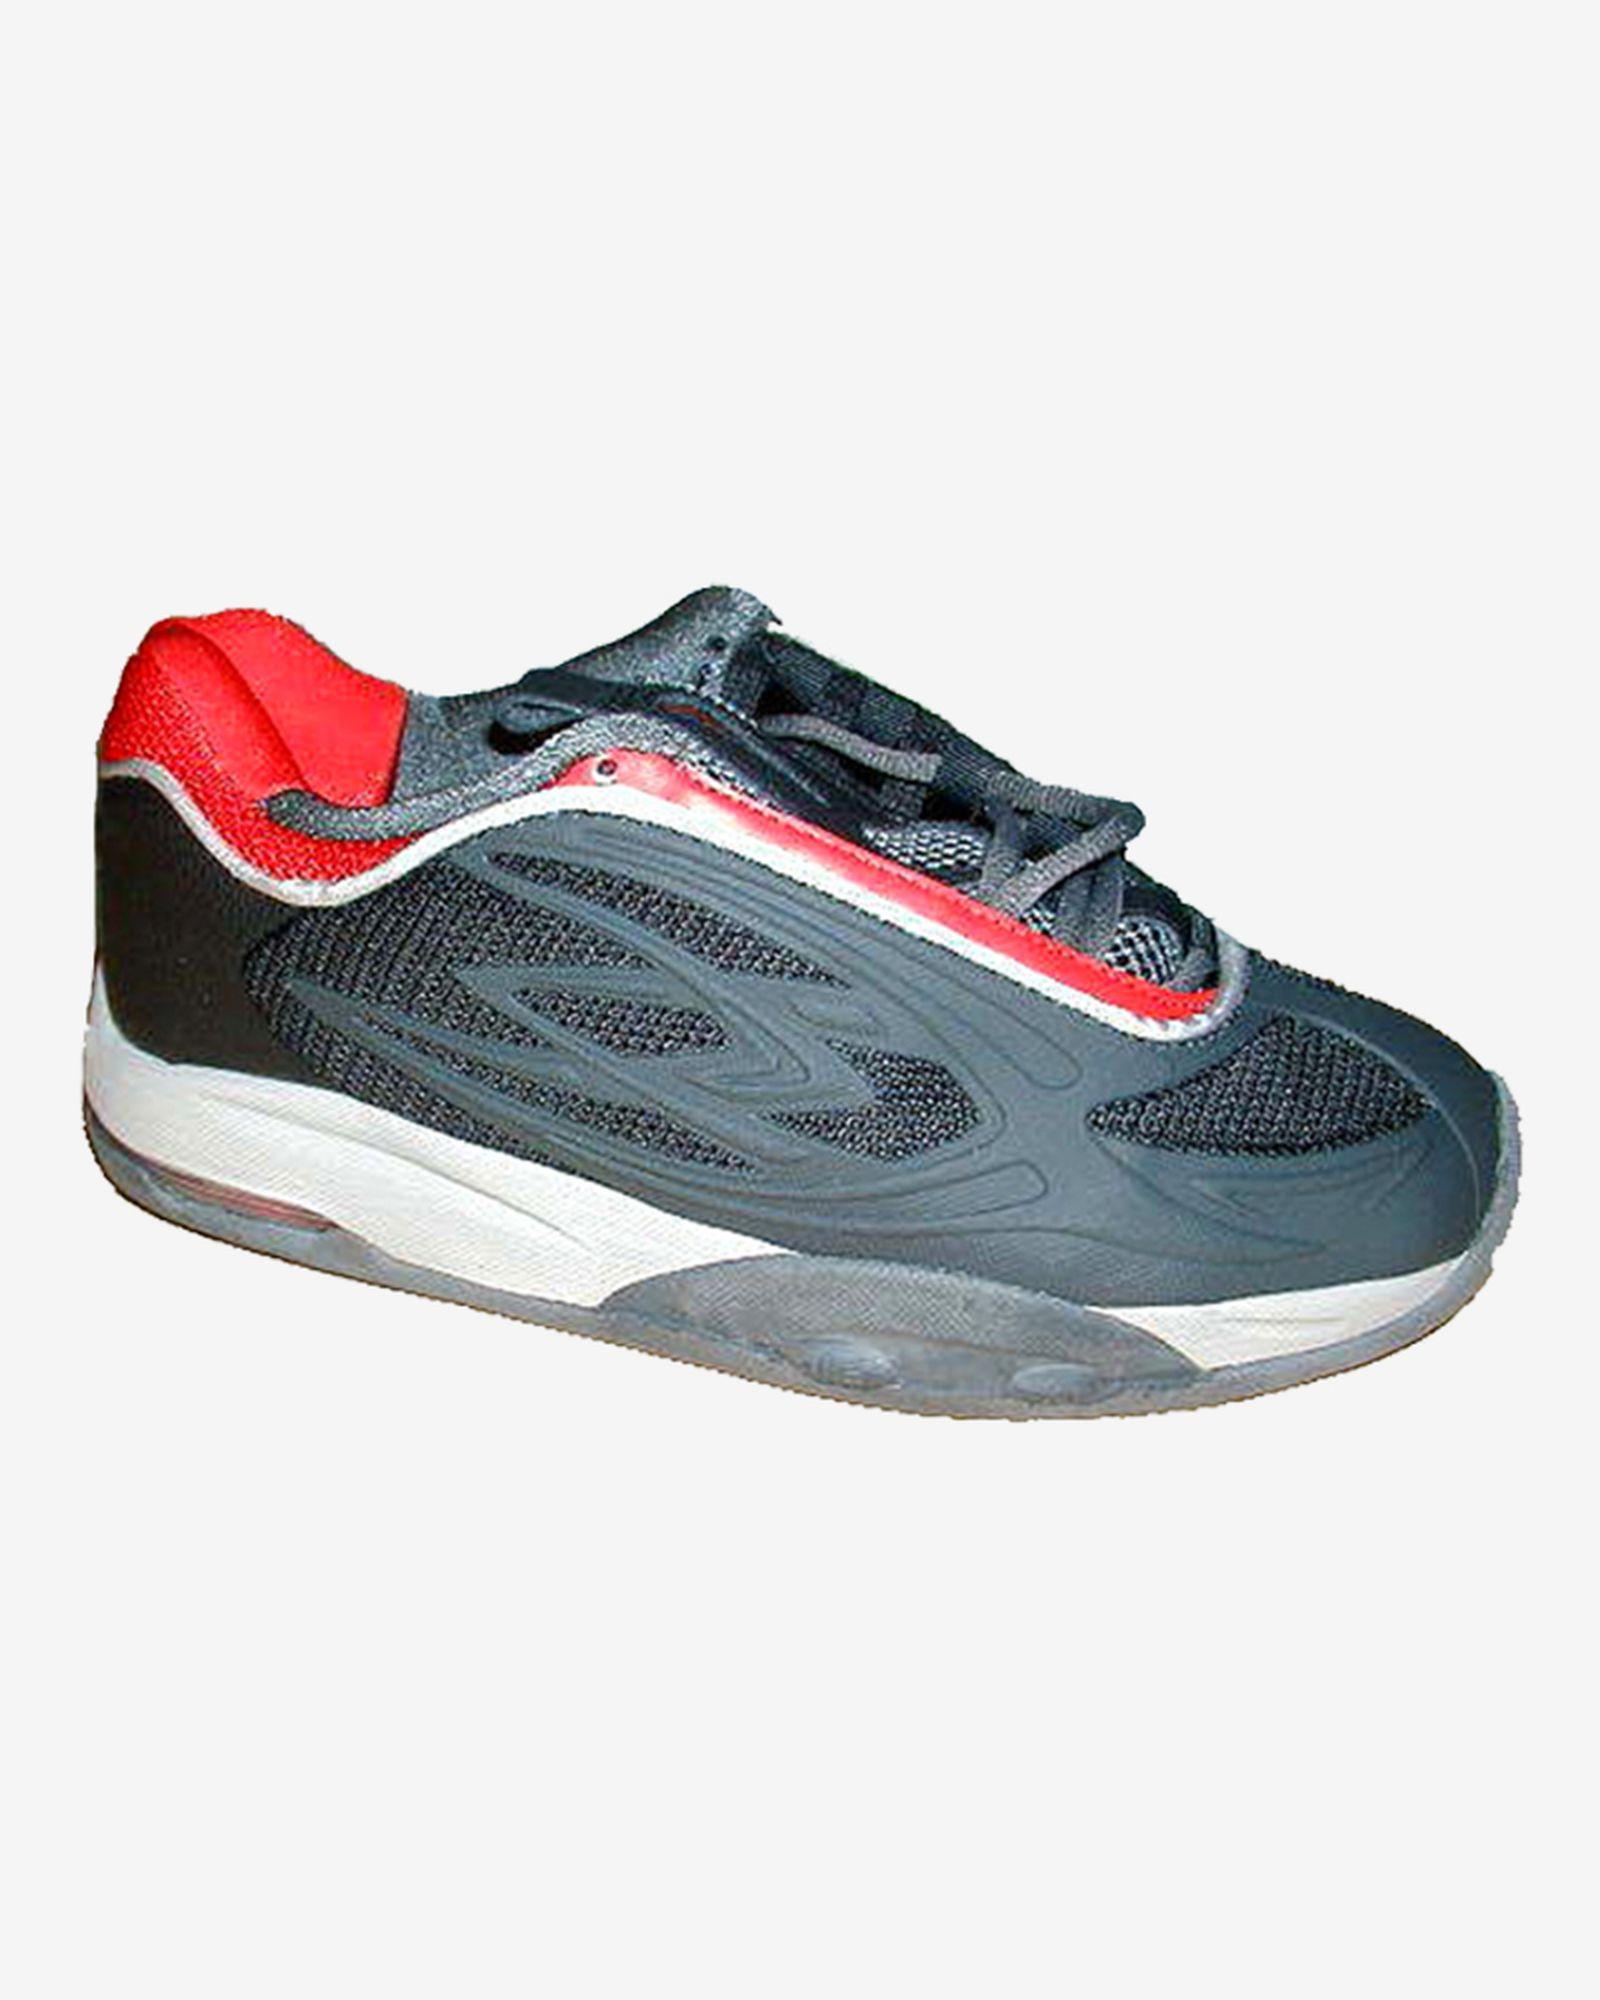 nike-sb-savier-skate-shoes-03